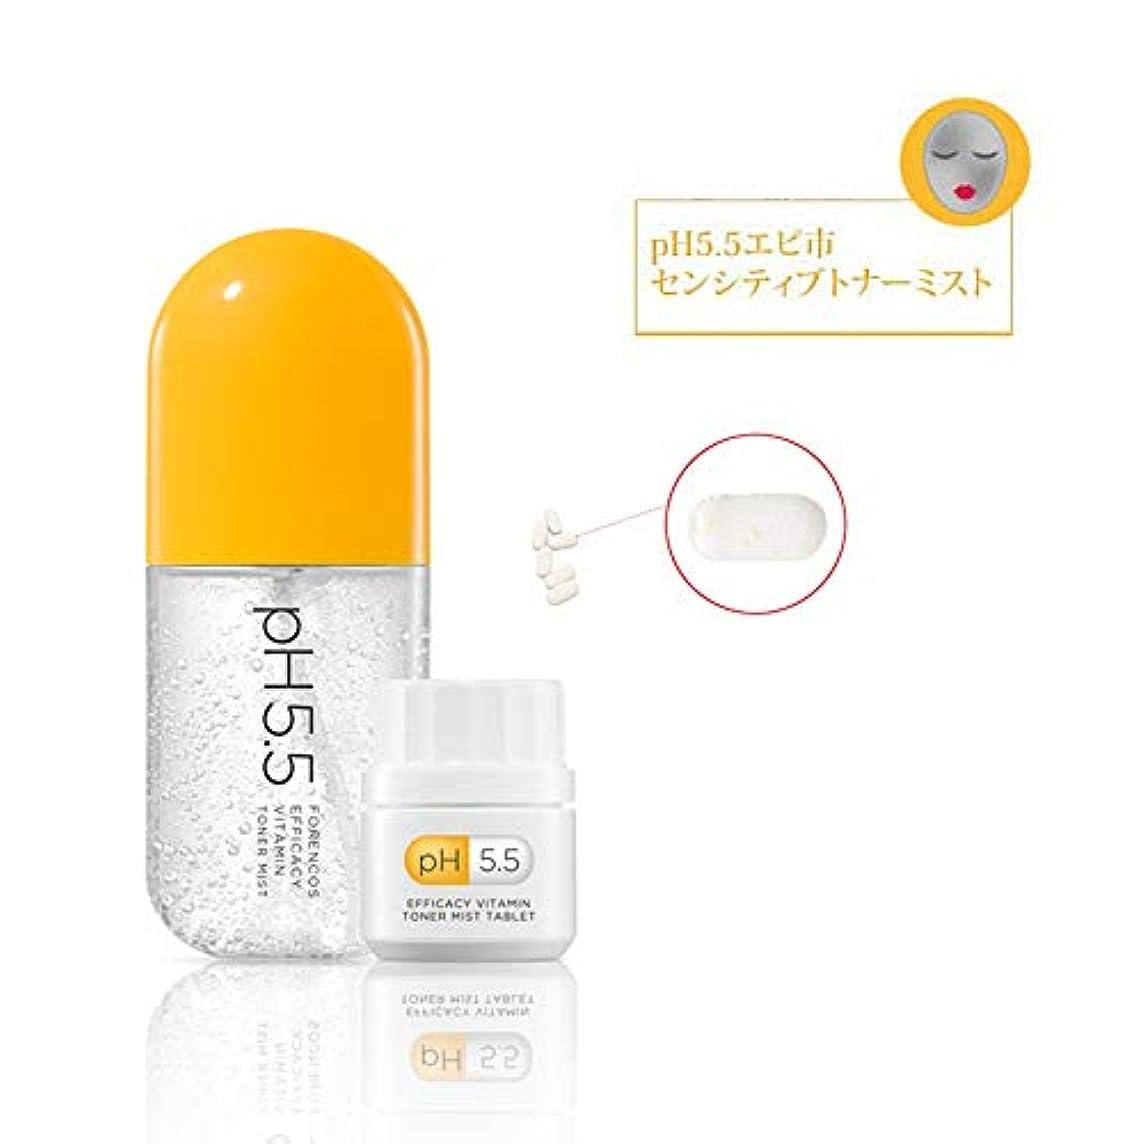 明日冗談で必需品[FORENCOS] pH5.5 ビタミン効果型化粧水スプレー/pH 5.5 Efficacy Toner Mist (1g*10ea) 1 Pack #Vitamin